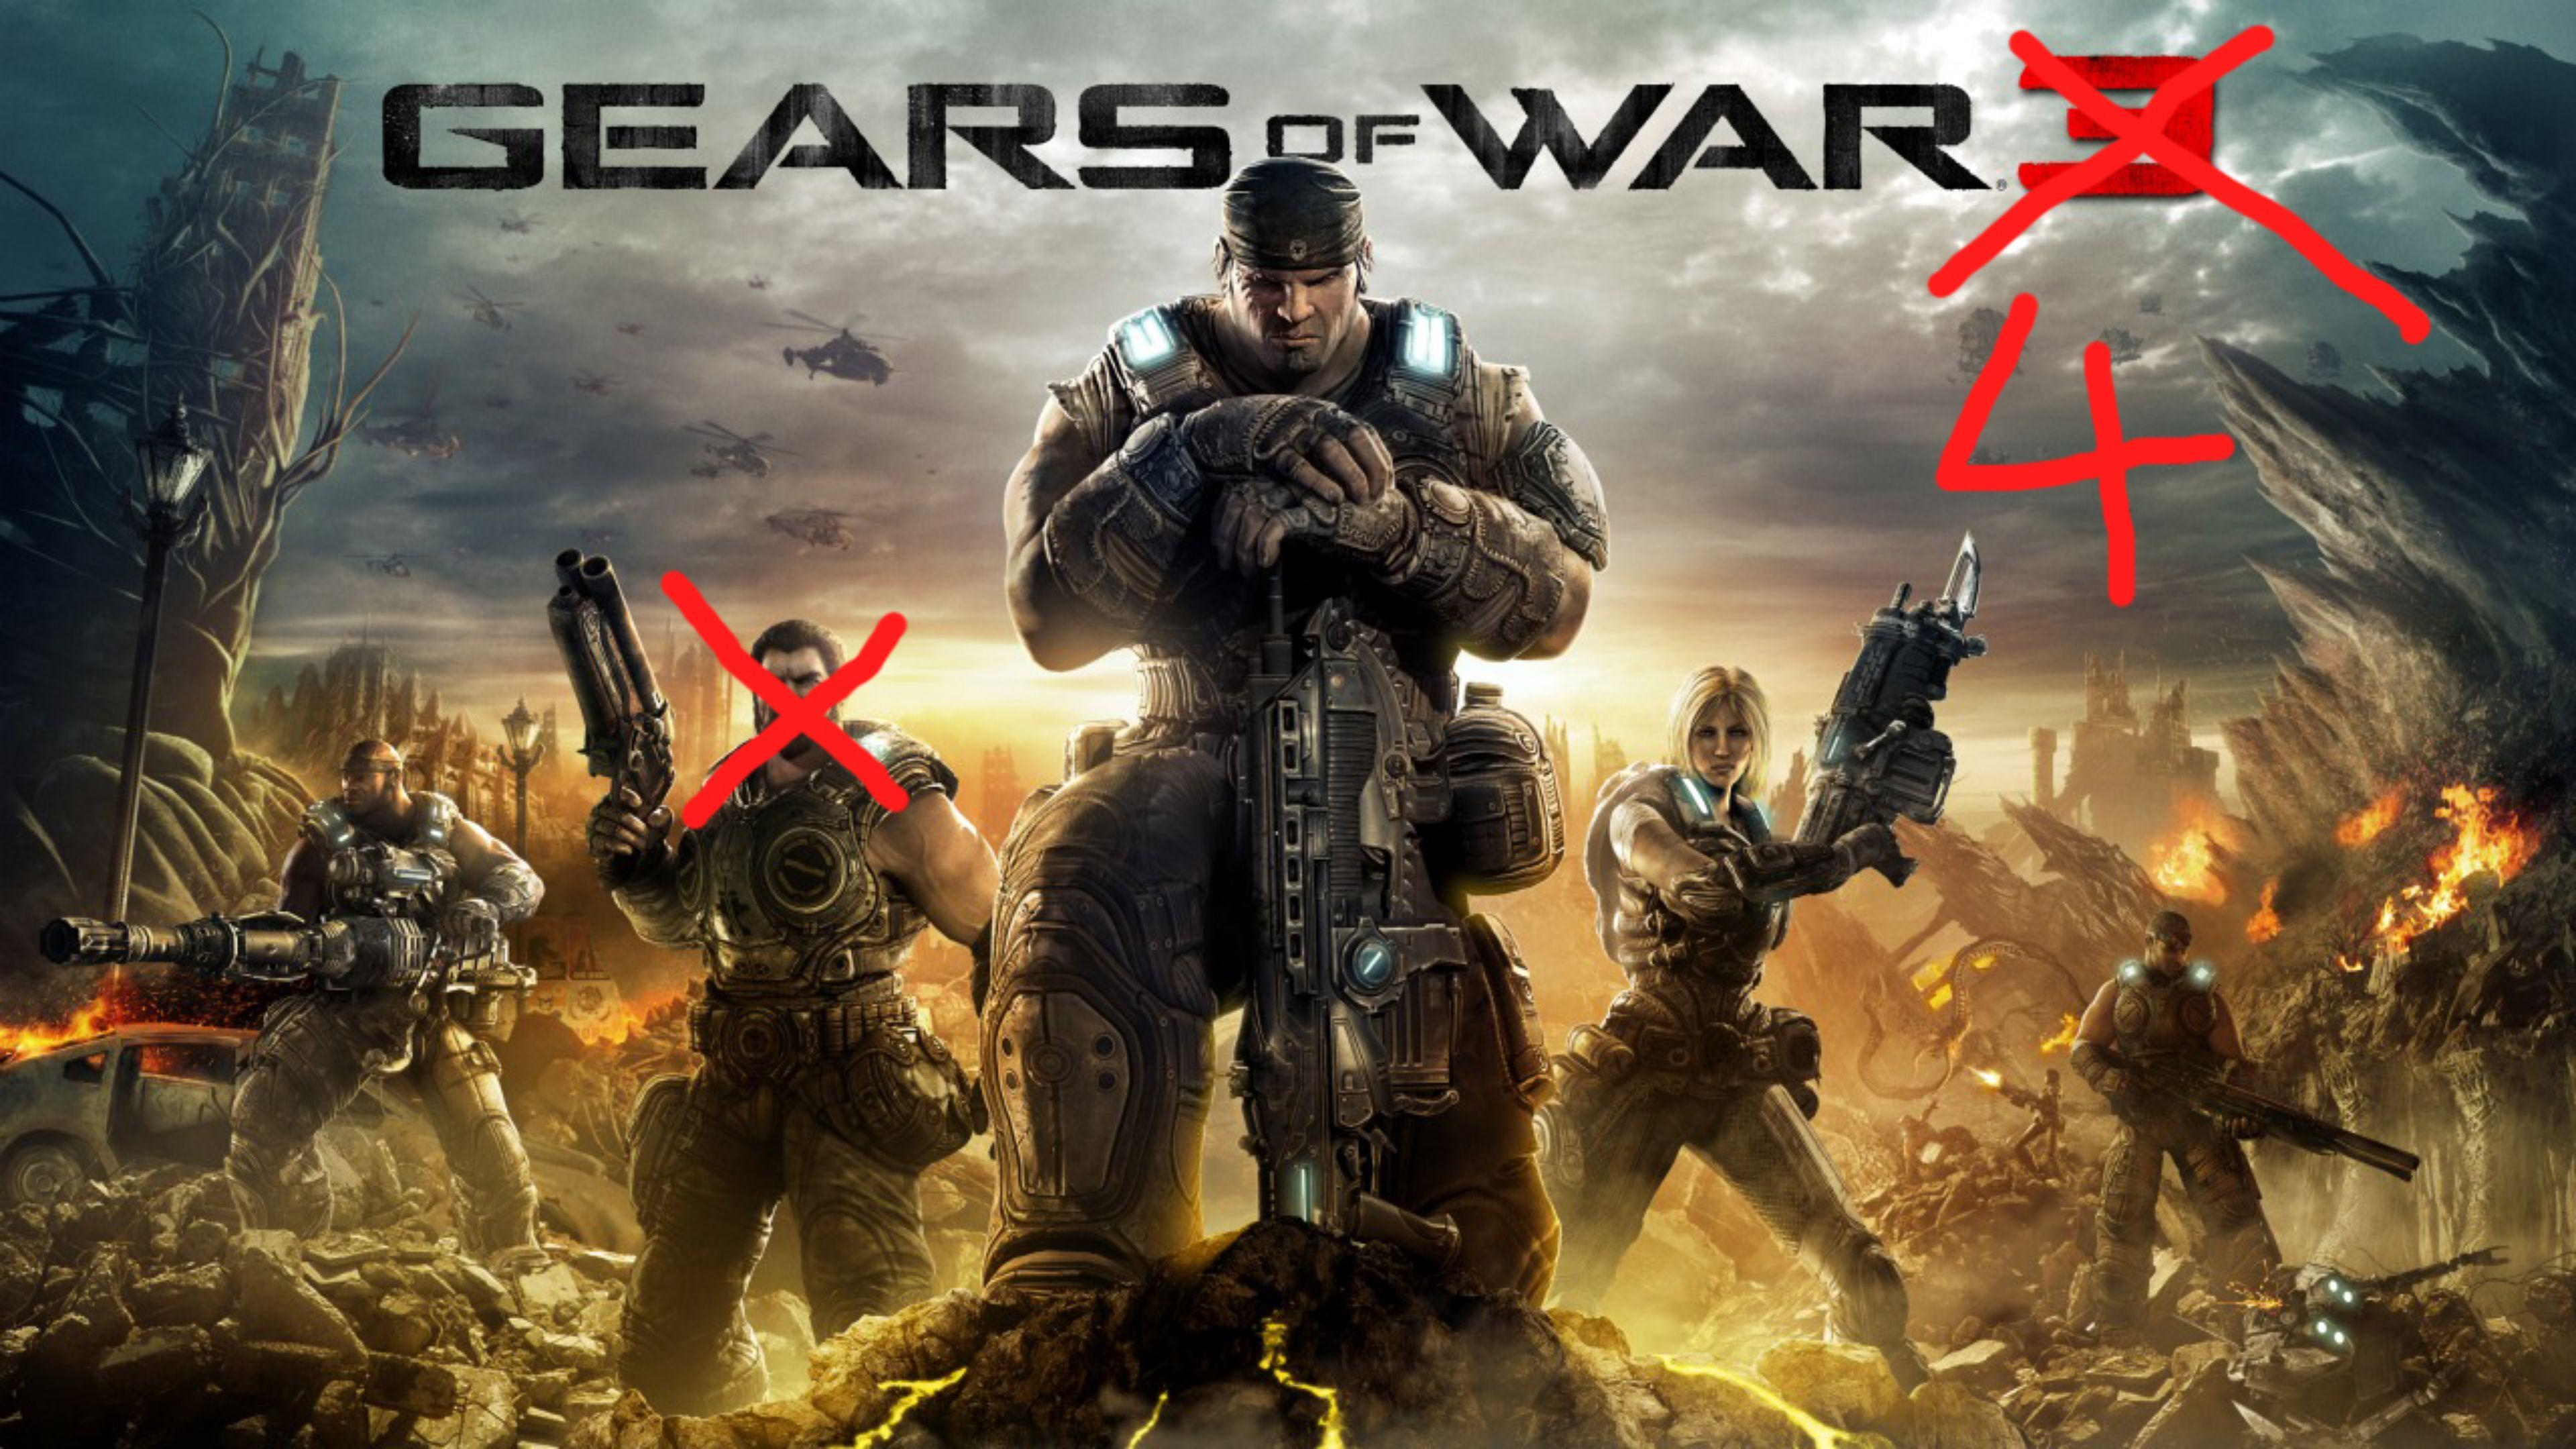 Gears Of War 4 Wallpapers - Wallpaper Cave